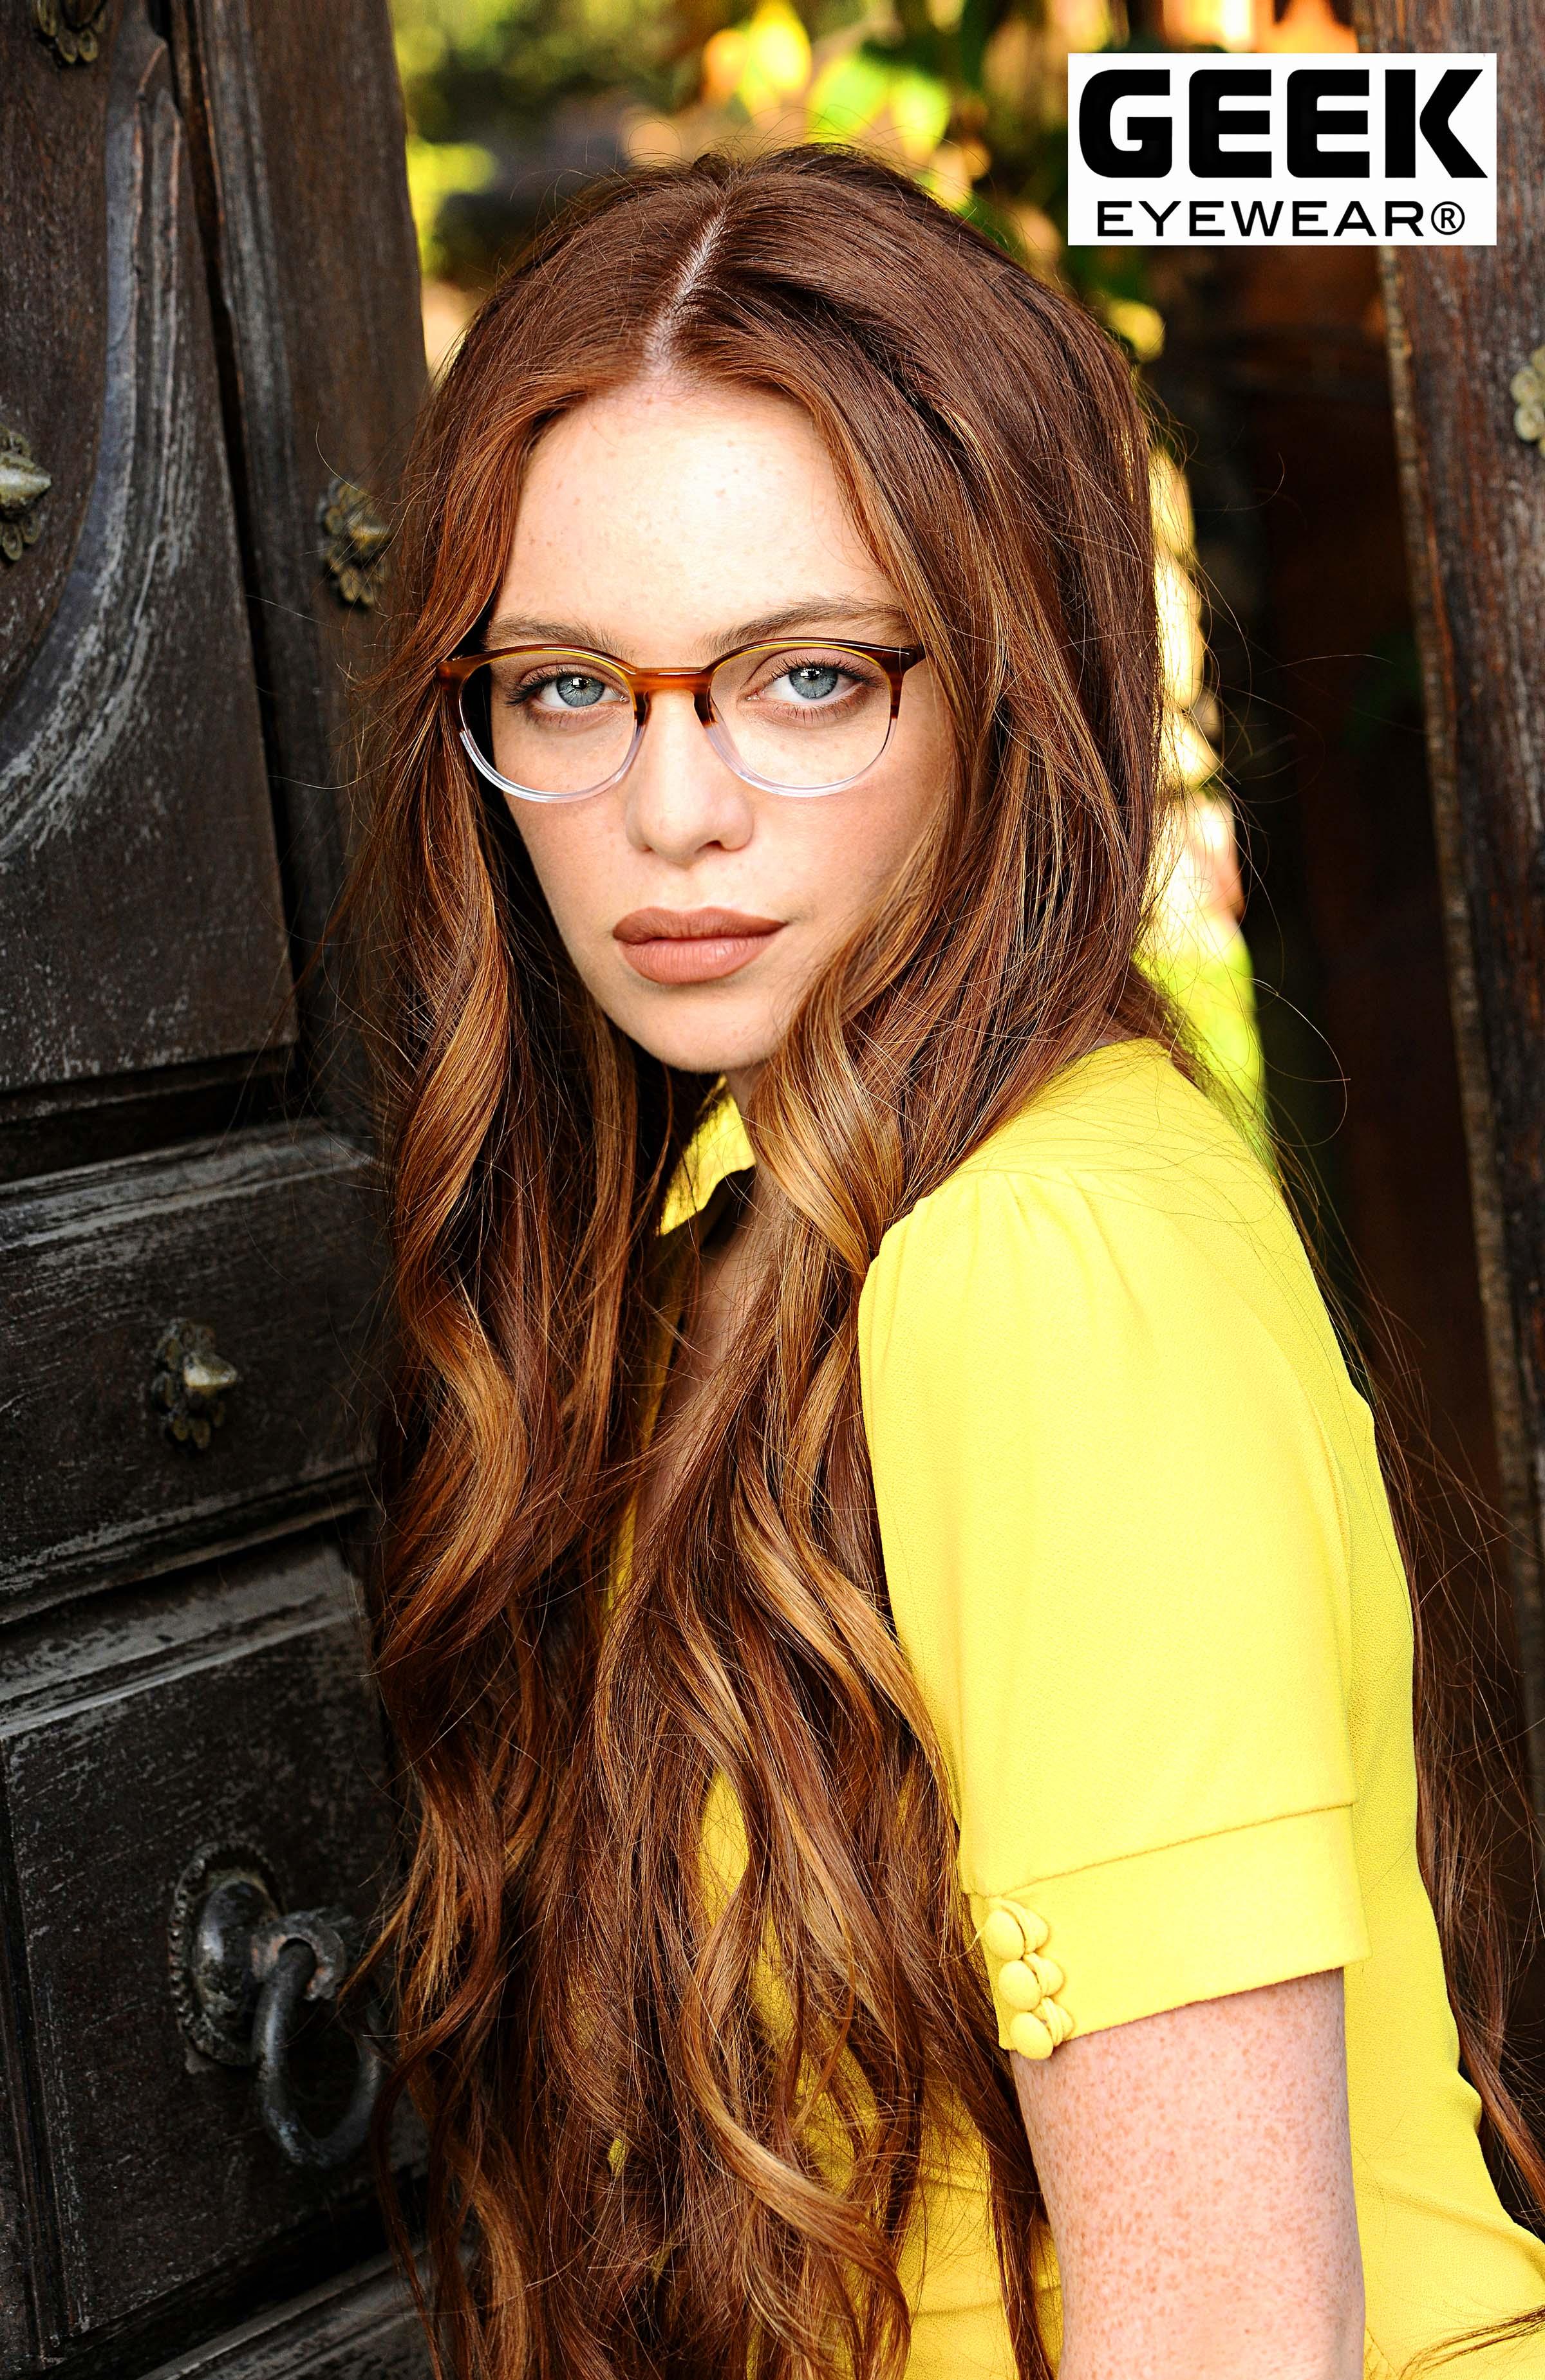 geek-eyewear-style-hipster